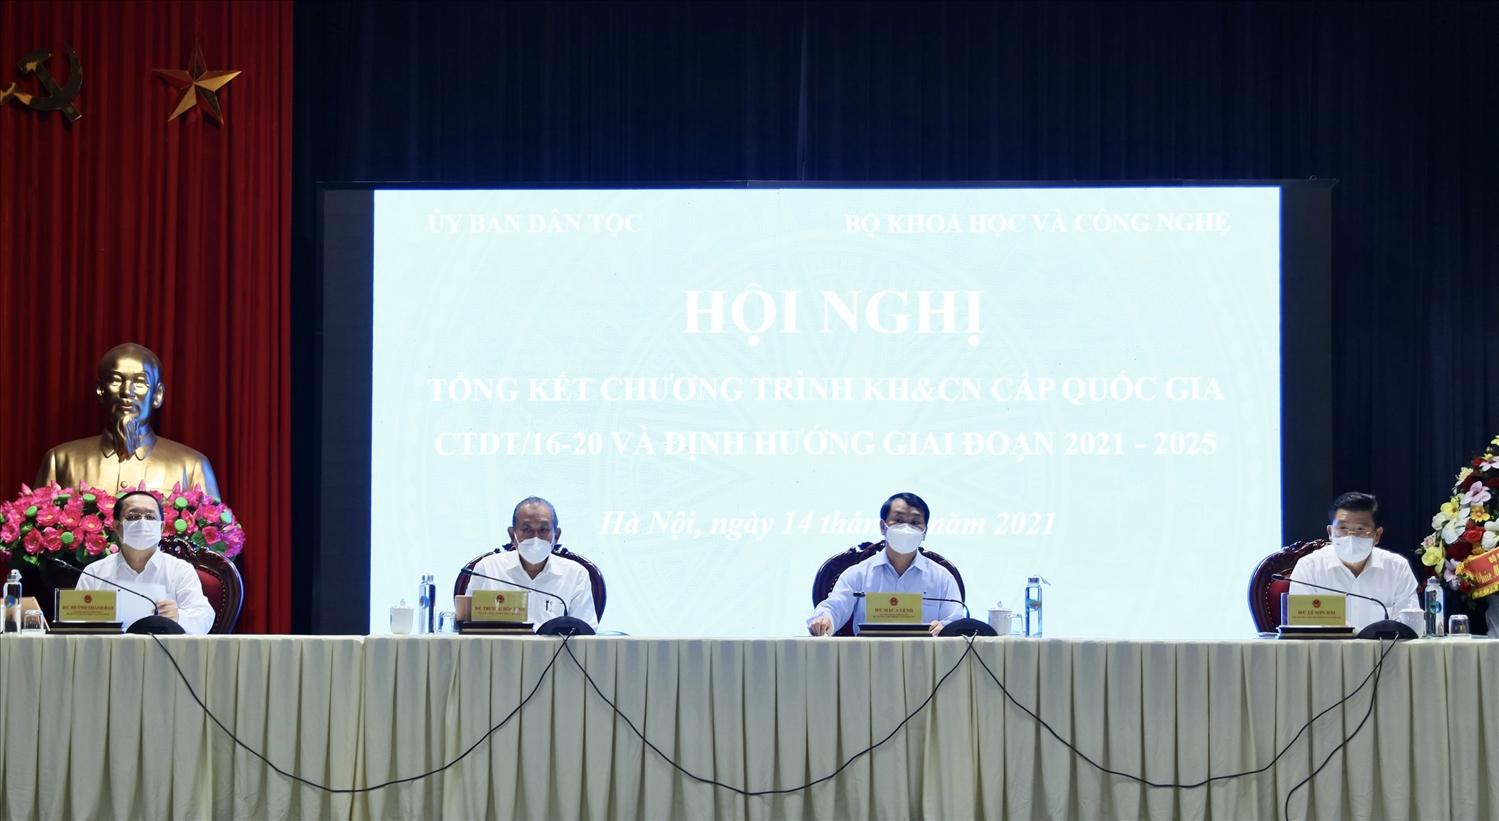 Phó Thủ tướng Thường trực Chính phủ Trương Hòa Bình và Lãnh đạo UBDT, Bộ KH&CN đồng chủ trì Hội nghị